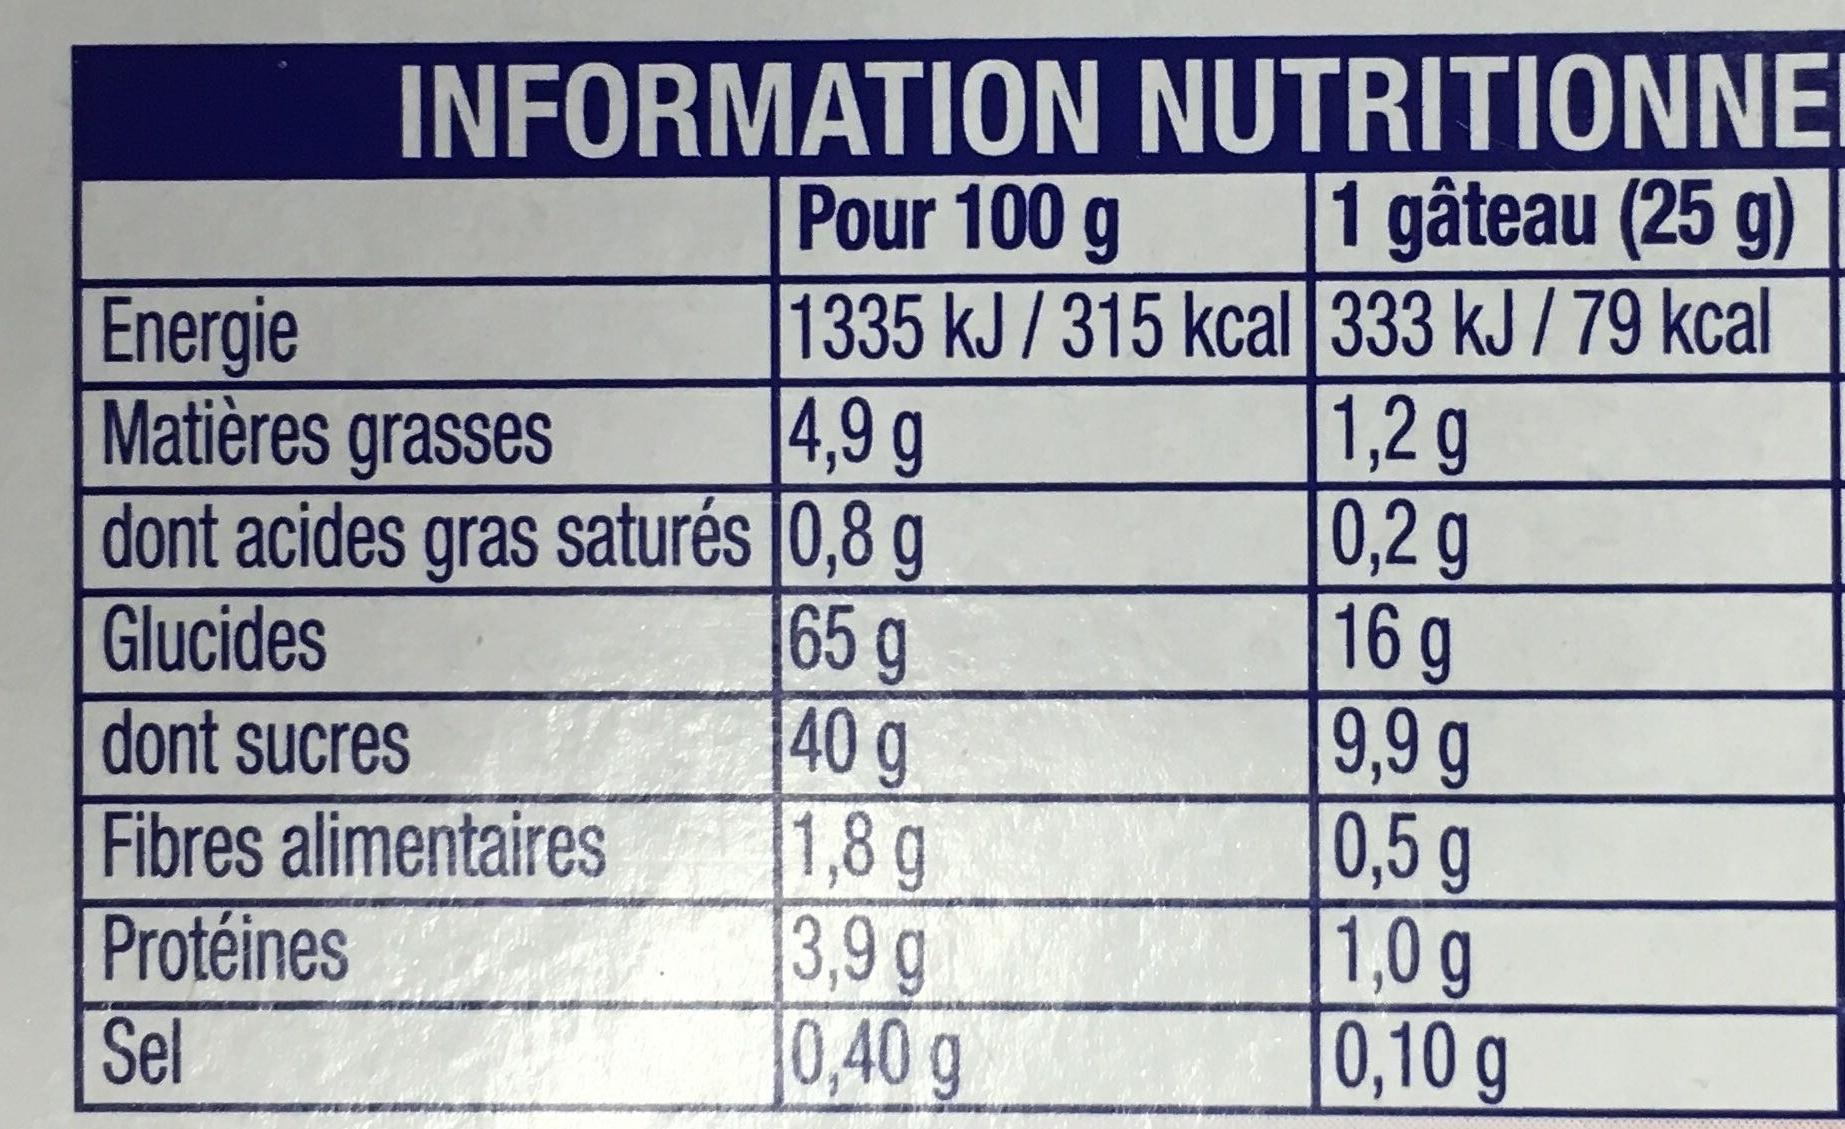 Miniroulés aux Framboises - Informations nutritionnelles - fr